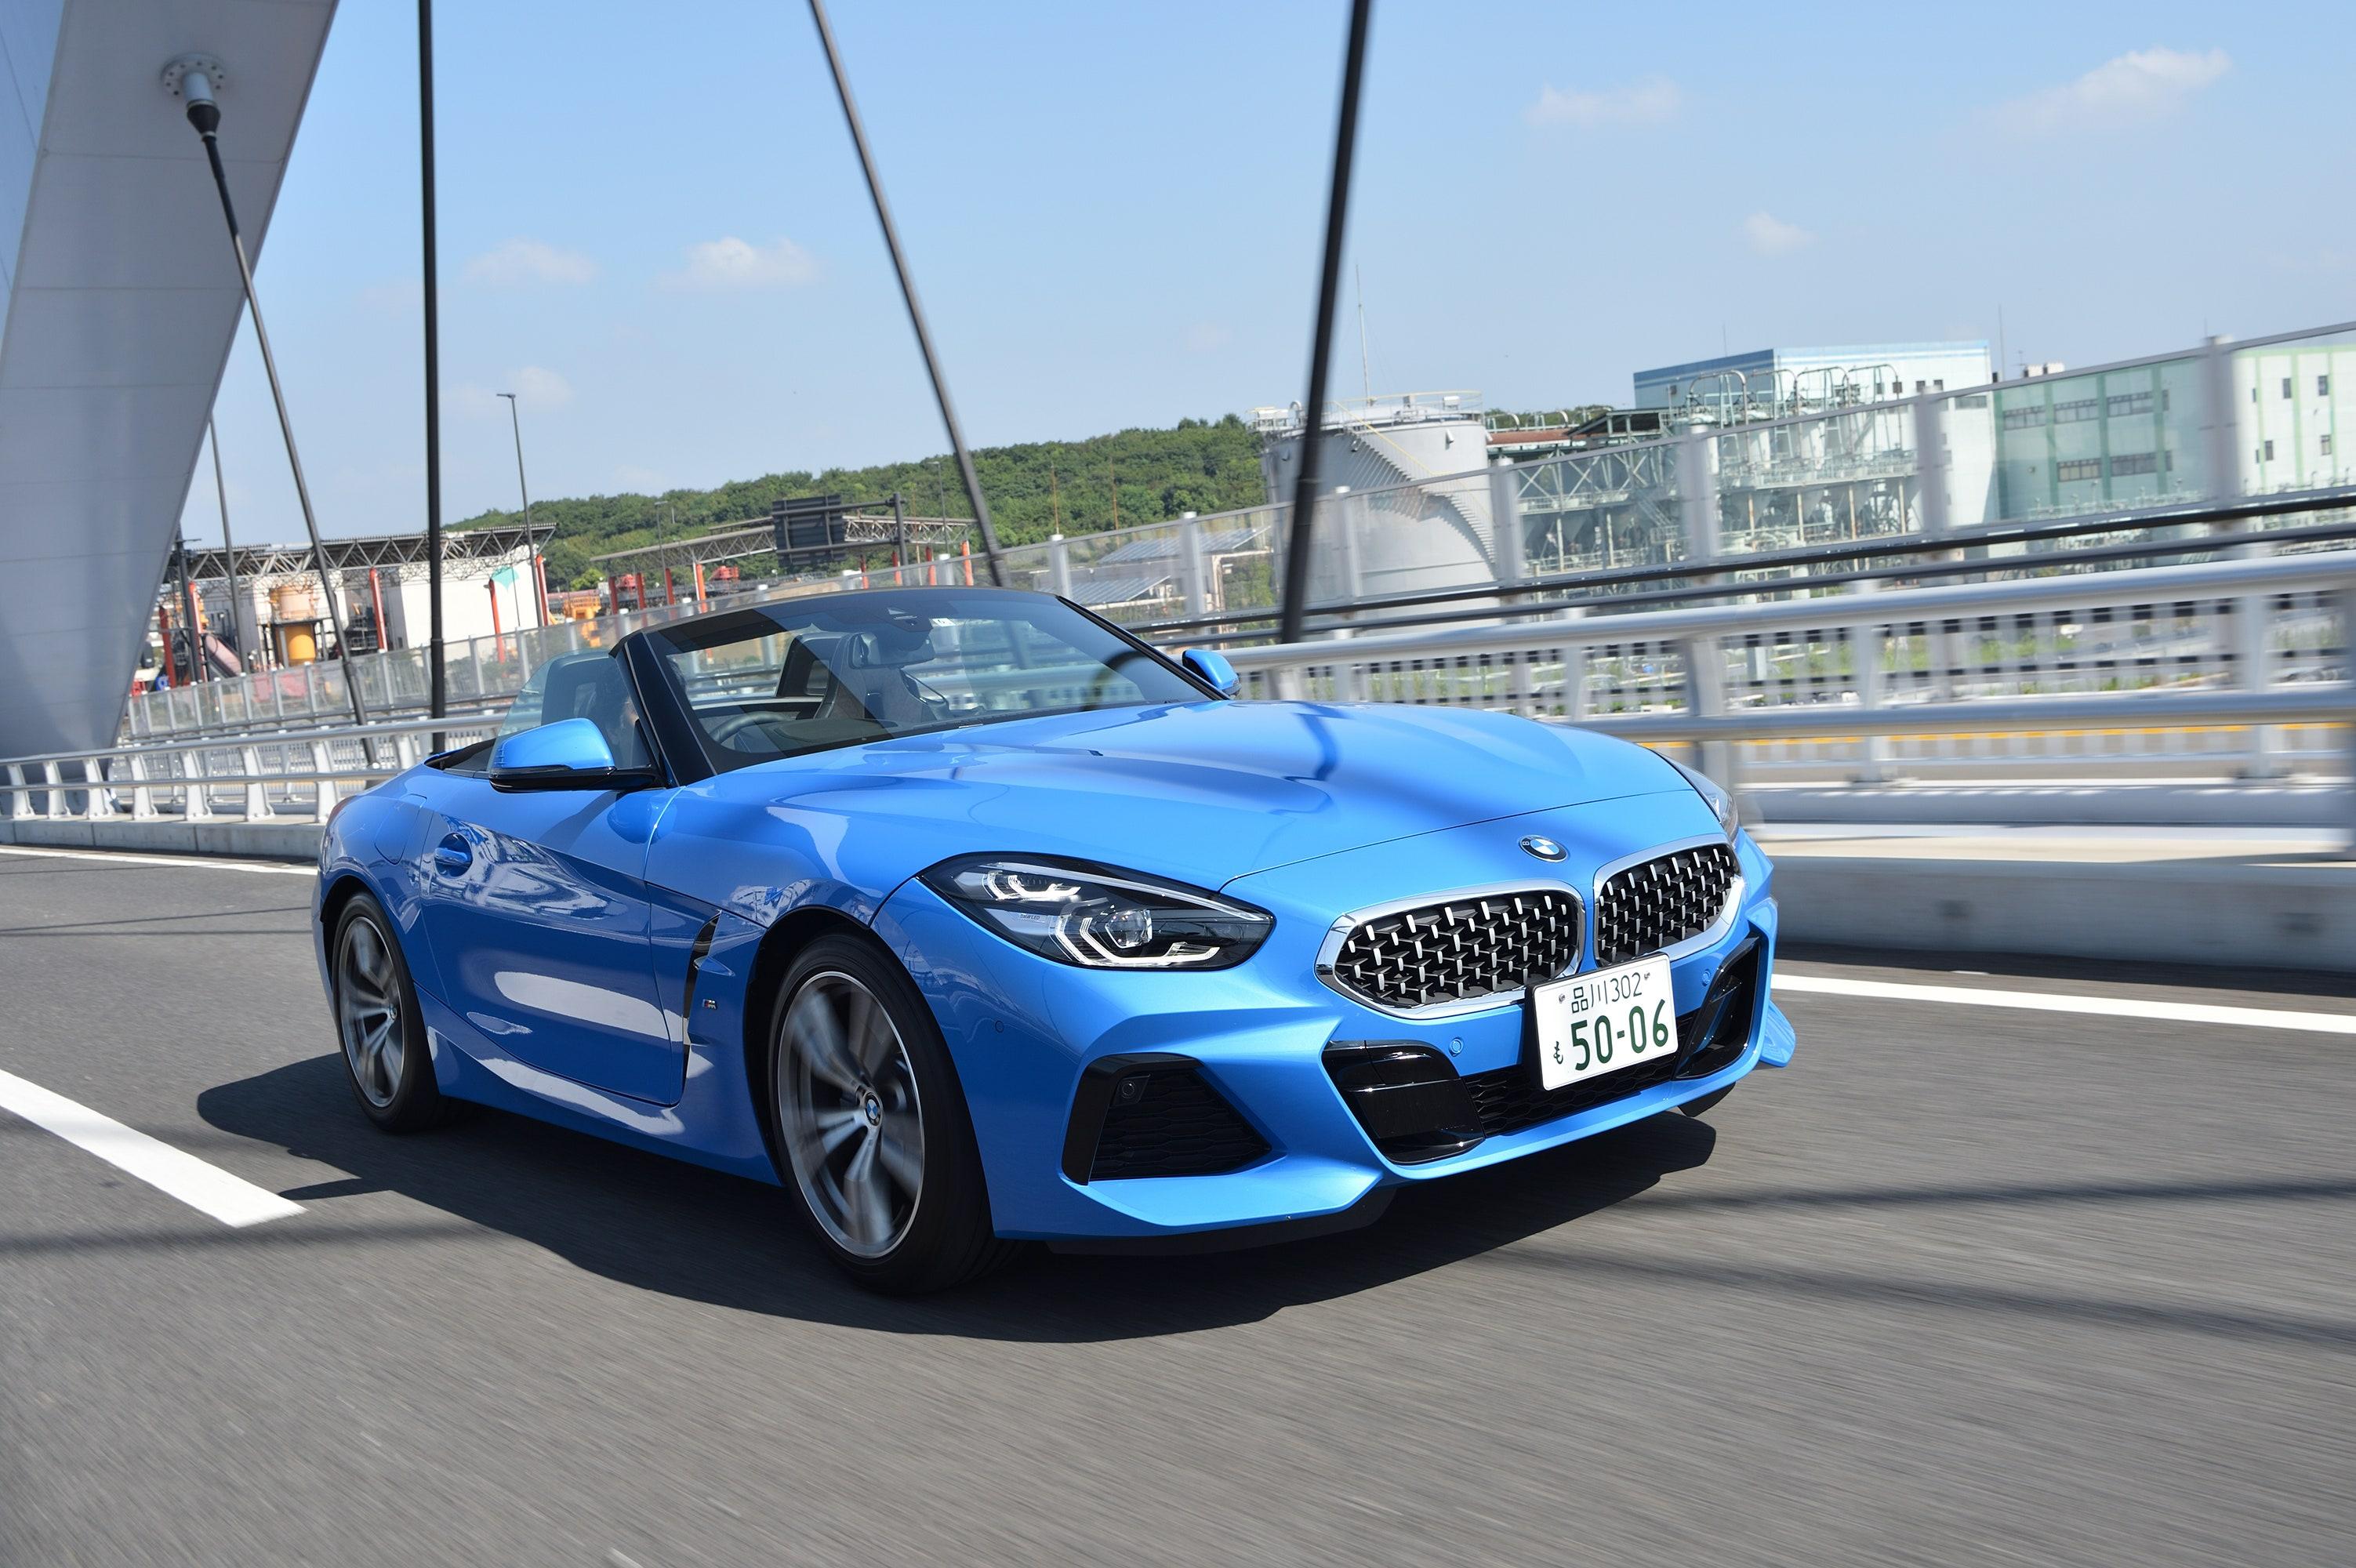 エグゾーストノートが心地よい──スープラの姉妹車・BMW Z4の魅力は?